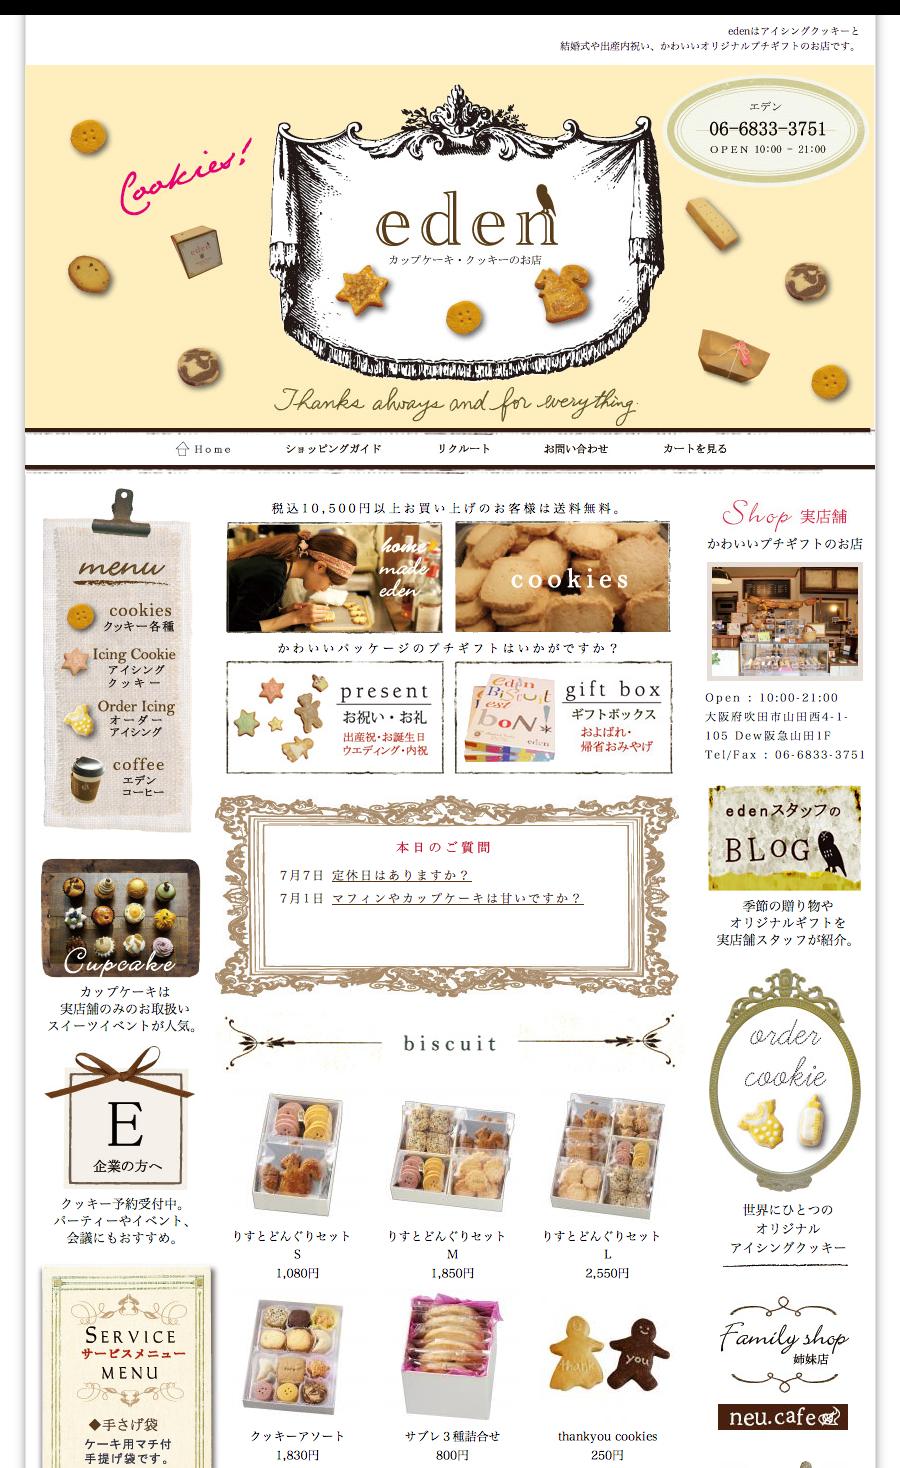 クッキー、オリジナルプチギフト、出産内祝いのエデン【eden】 (1)